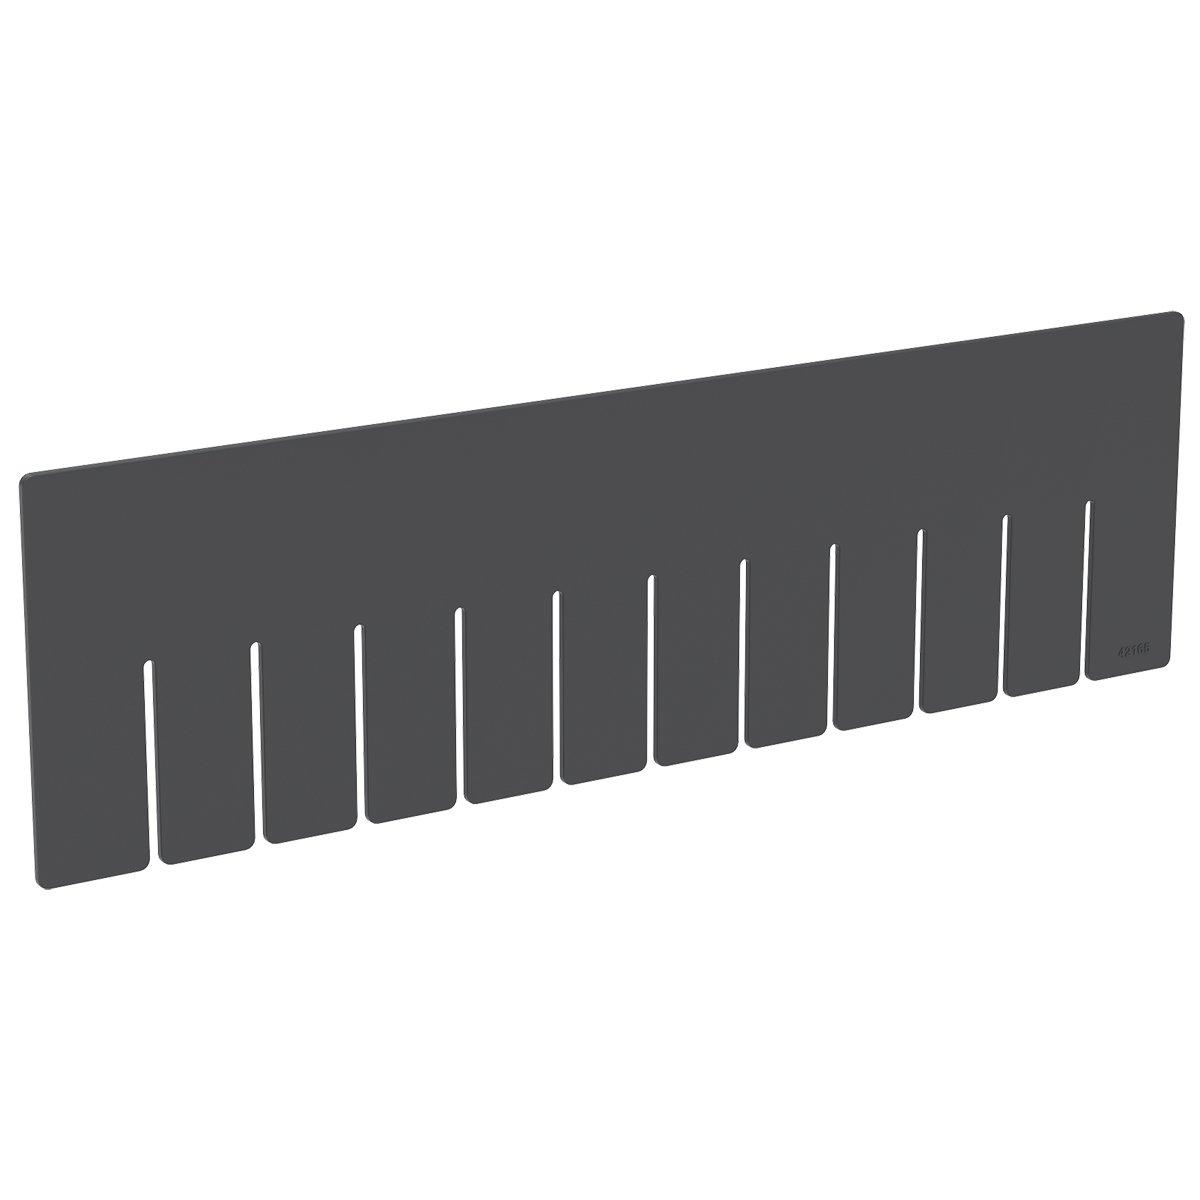 Akro-Mils 42165 Long Divider for Akro-Grid Box (6 Pack)